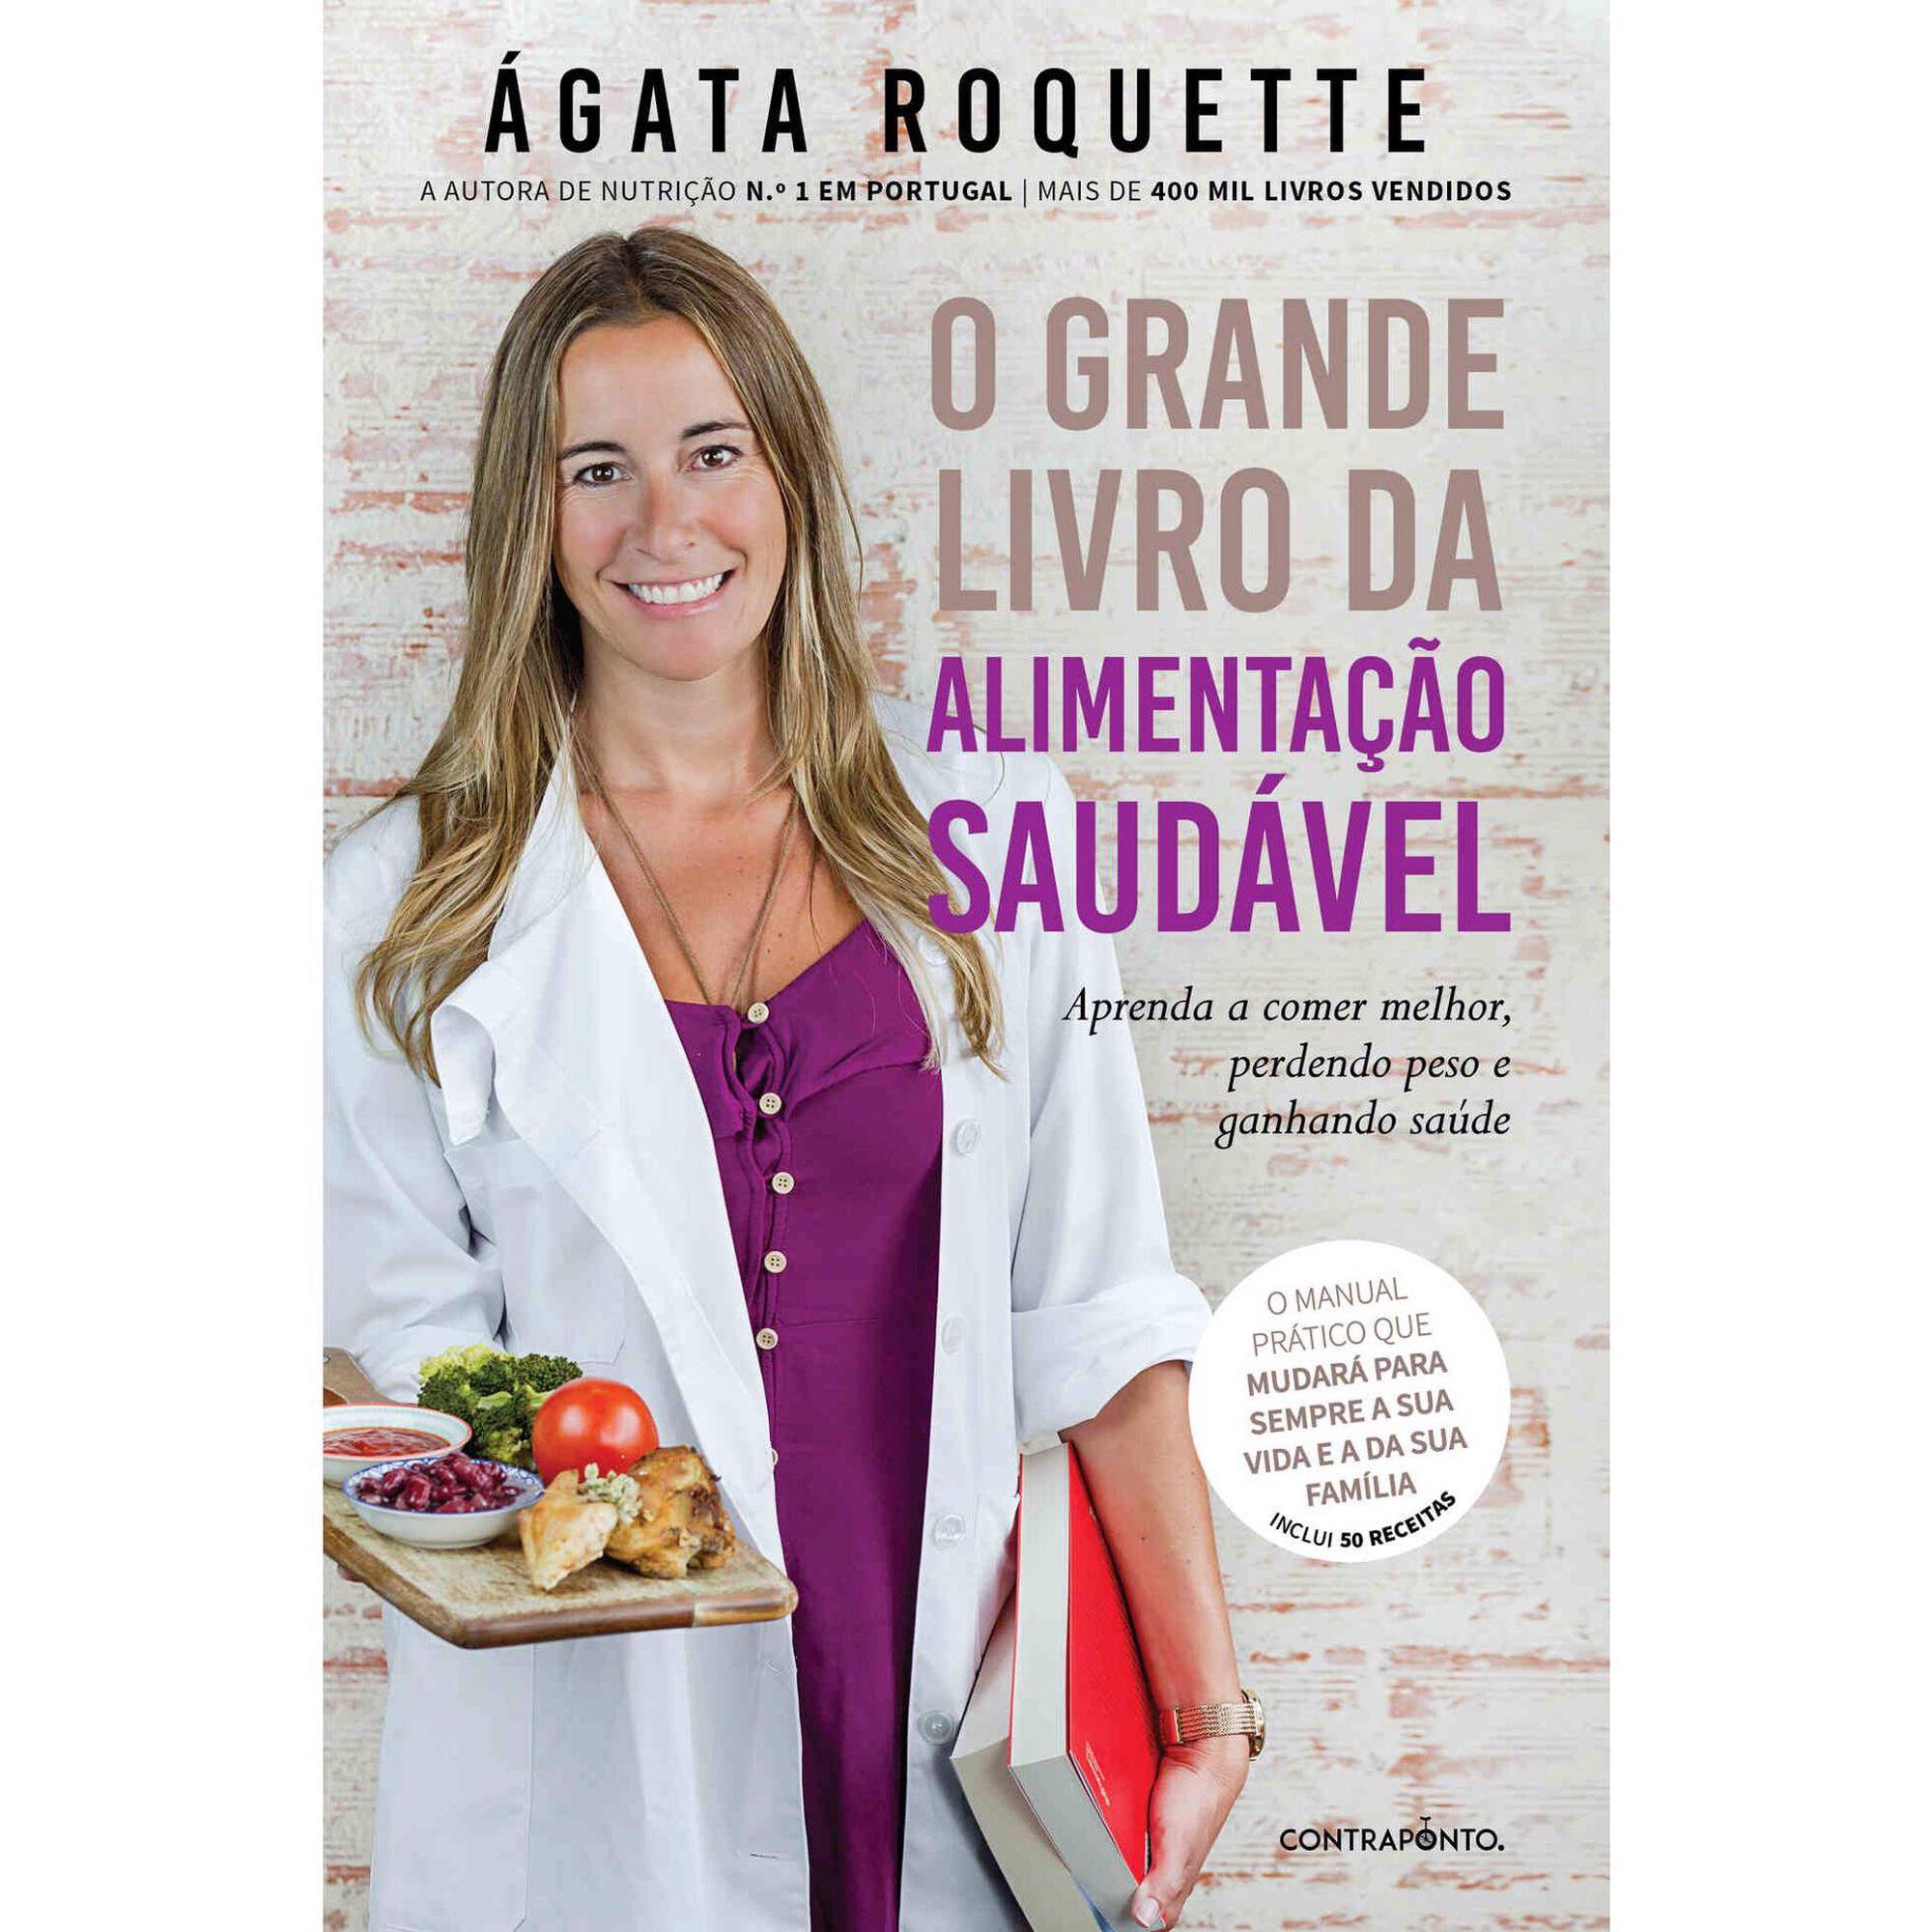 O Grande Livro da Alimentação Saudável